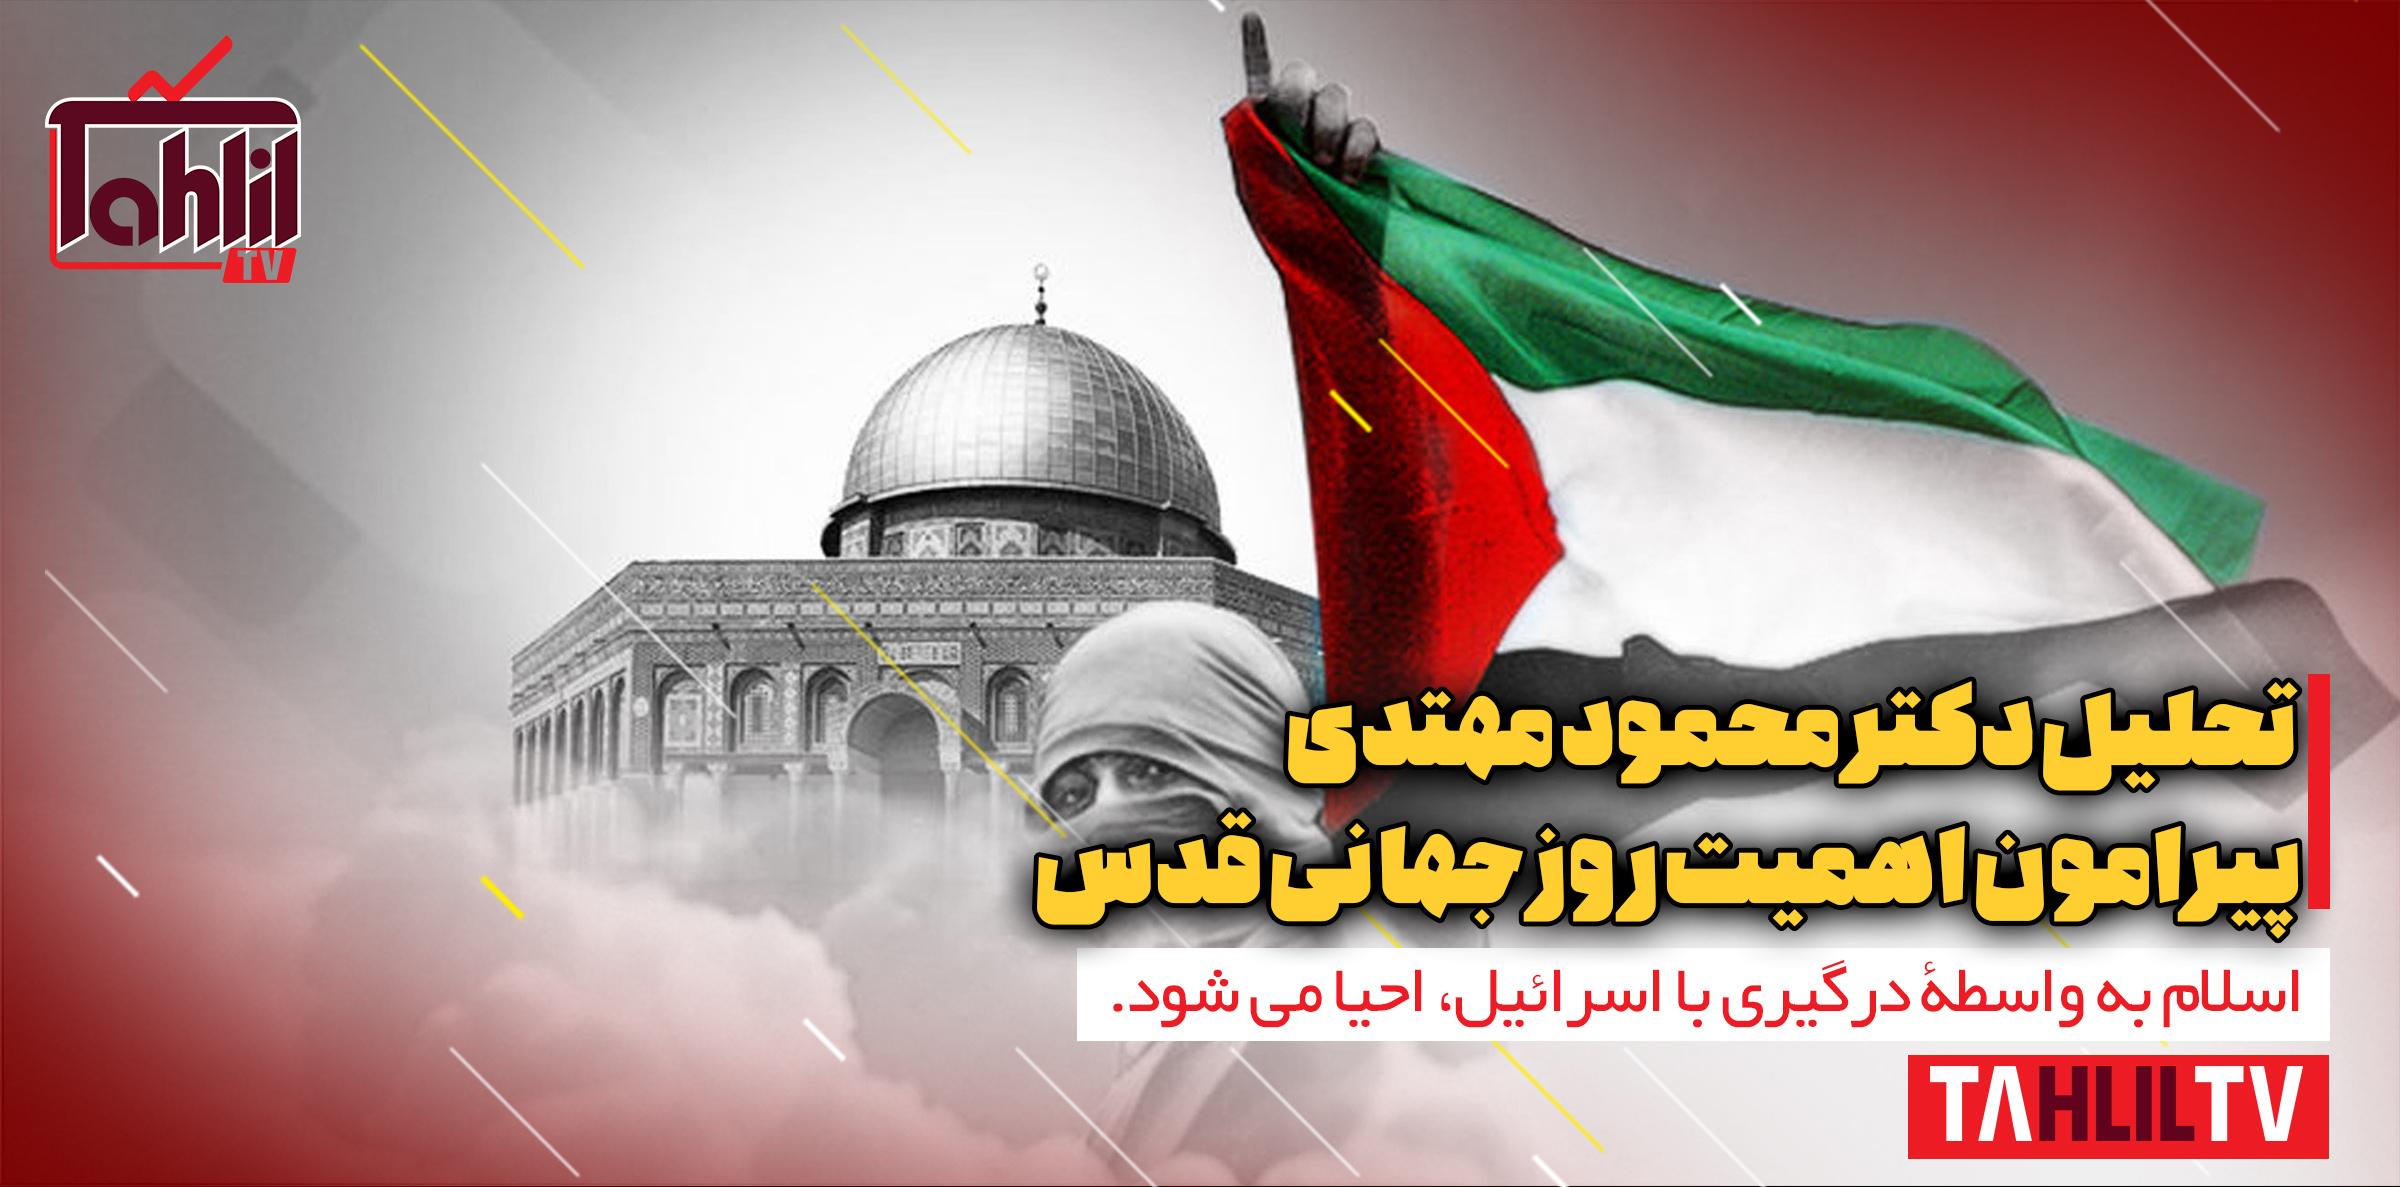 روز جهانی قدس، روز احیای اسلام